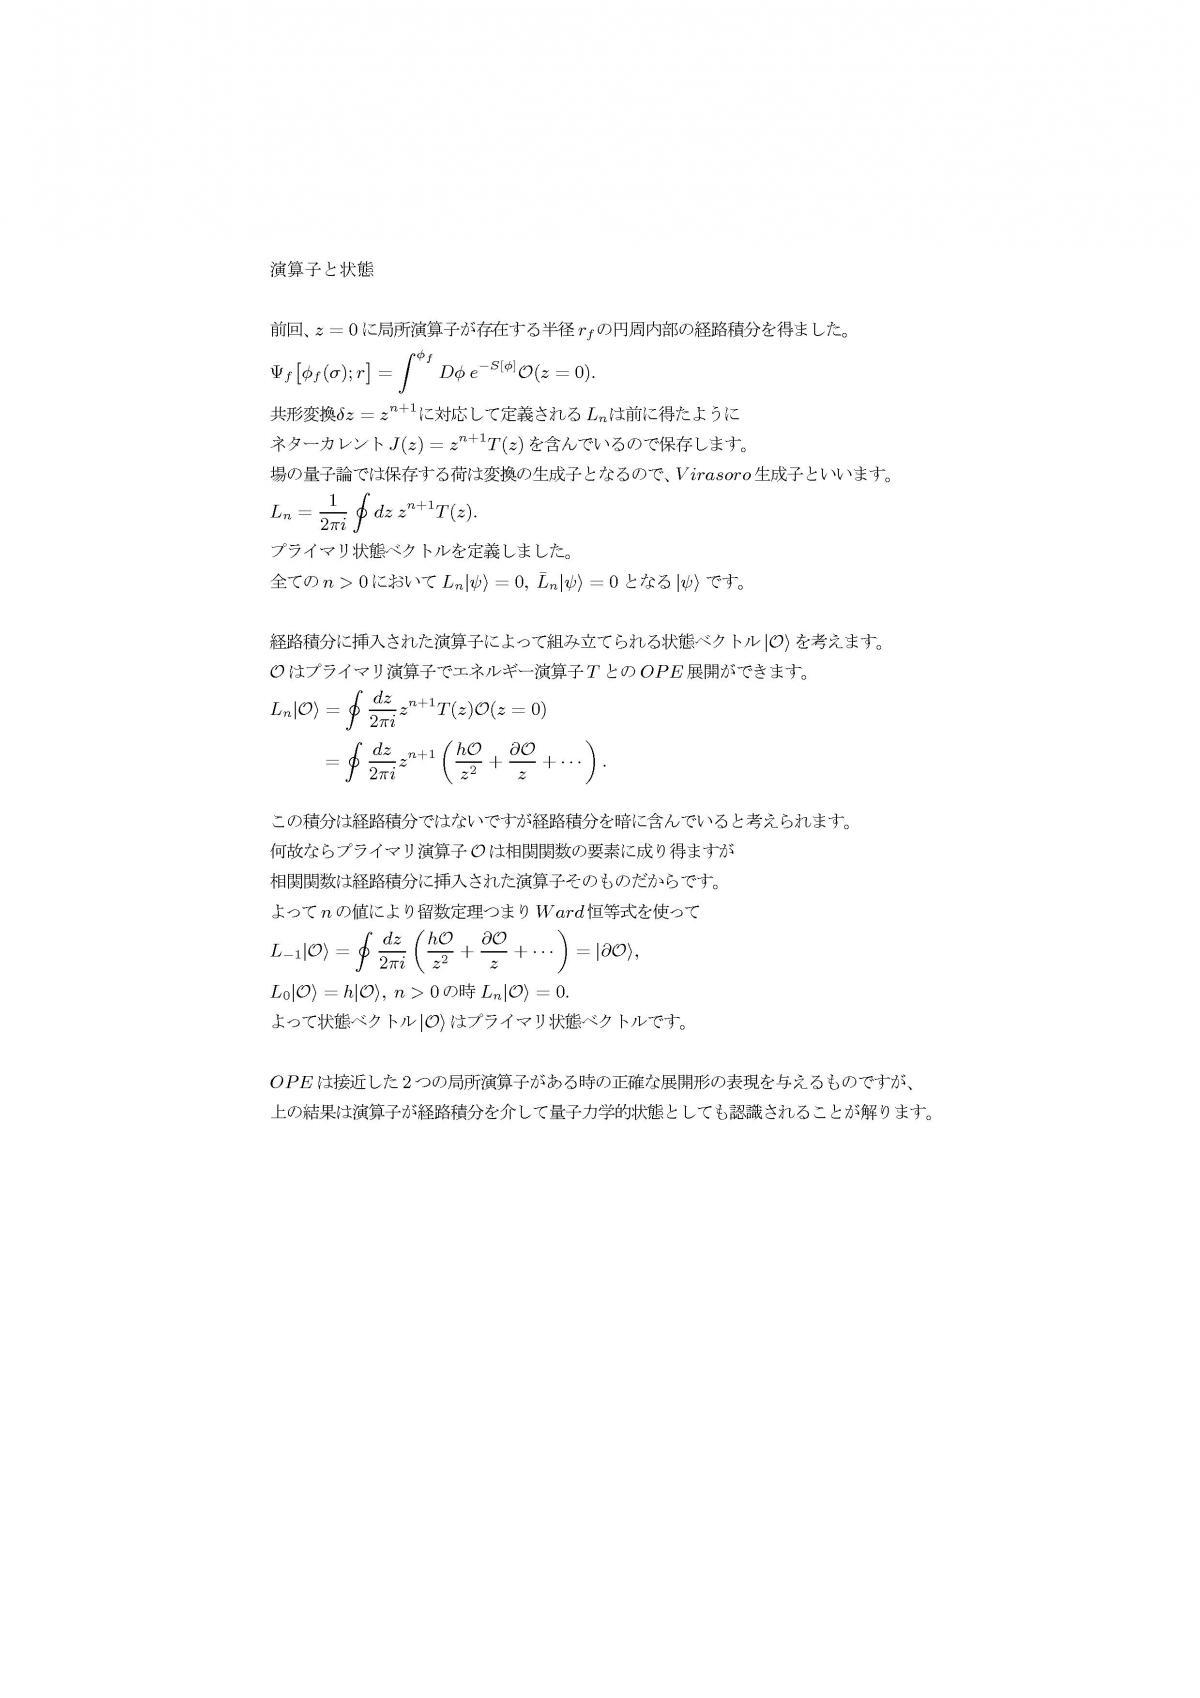 pgen35.jpg